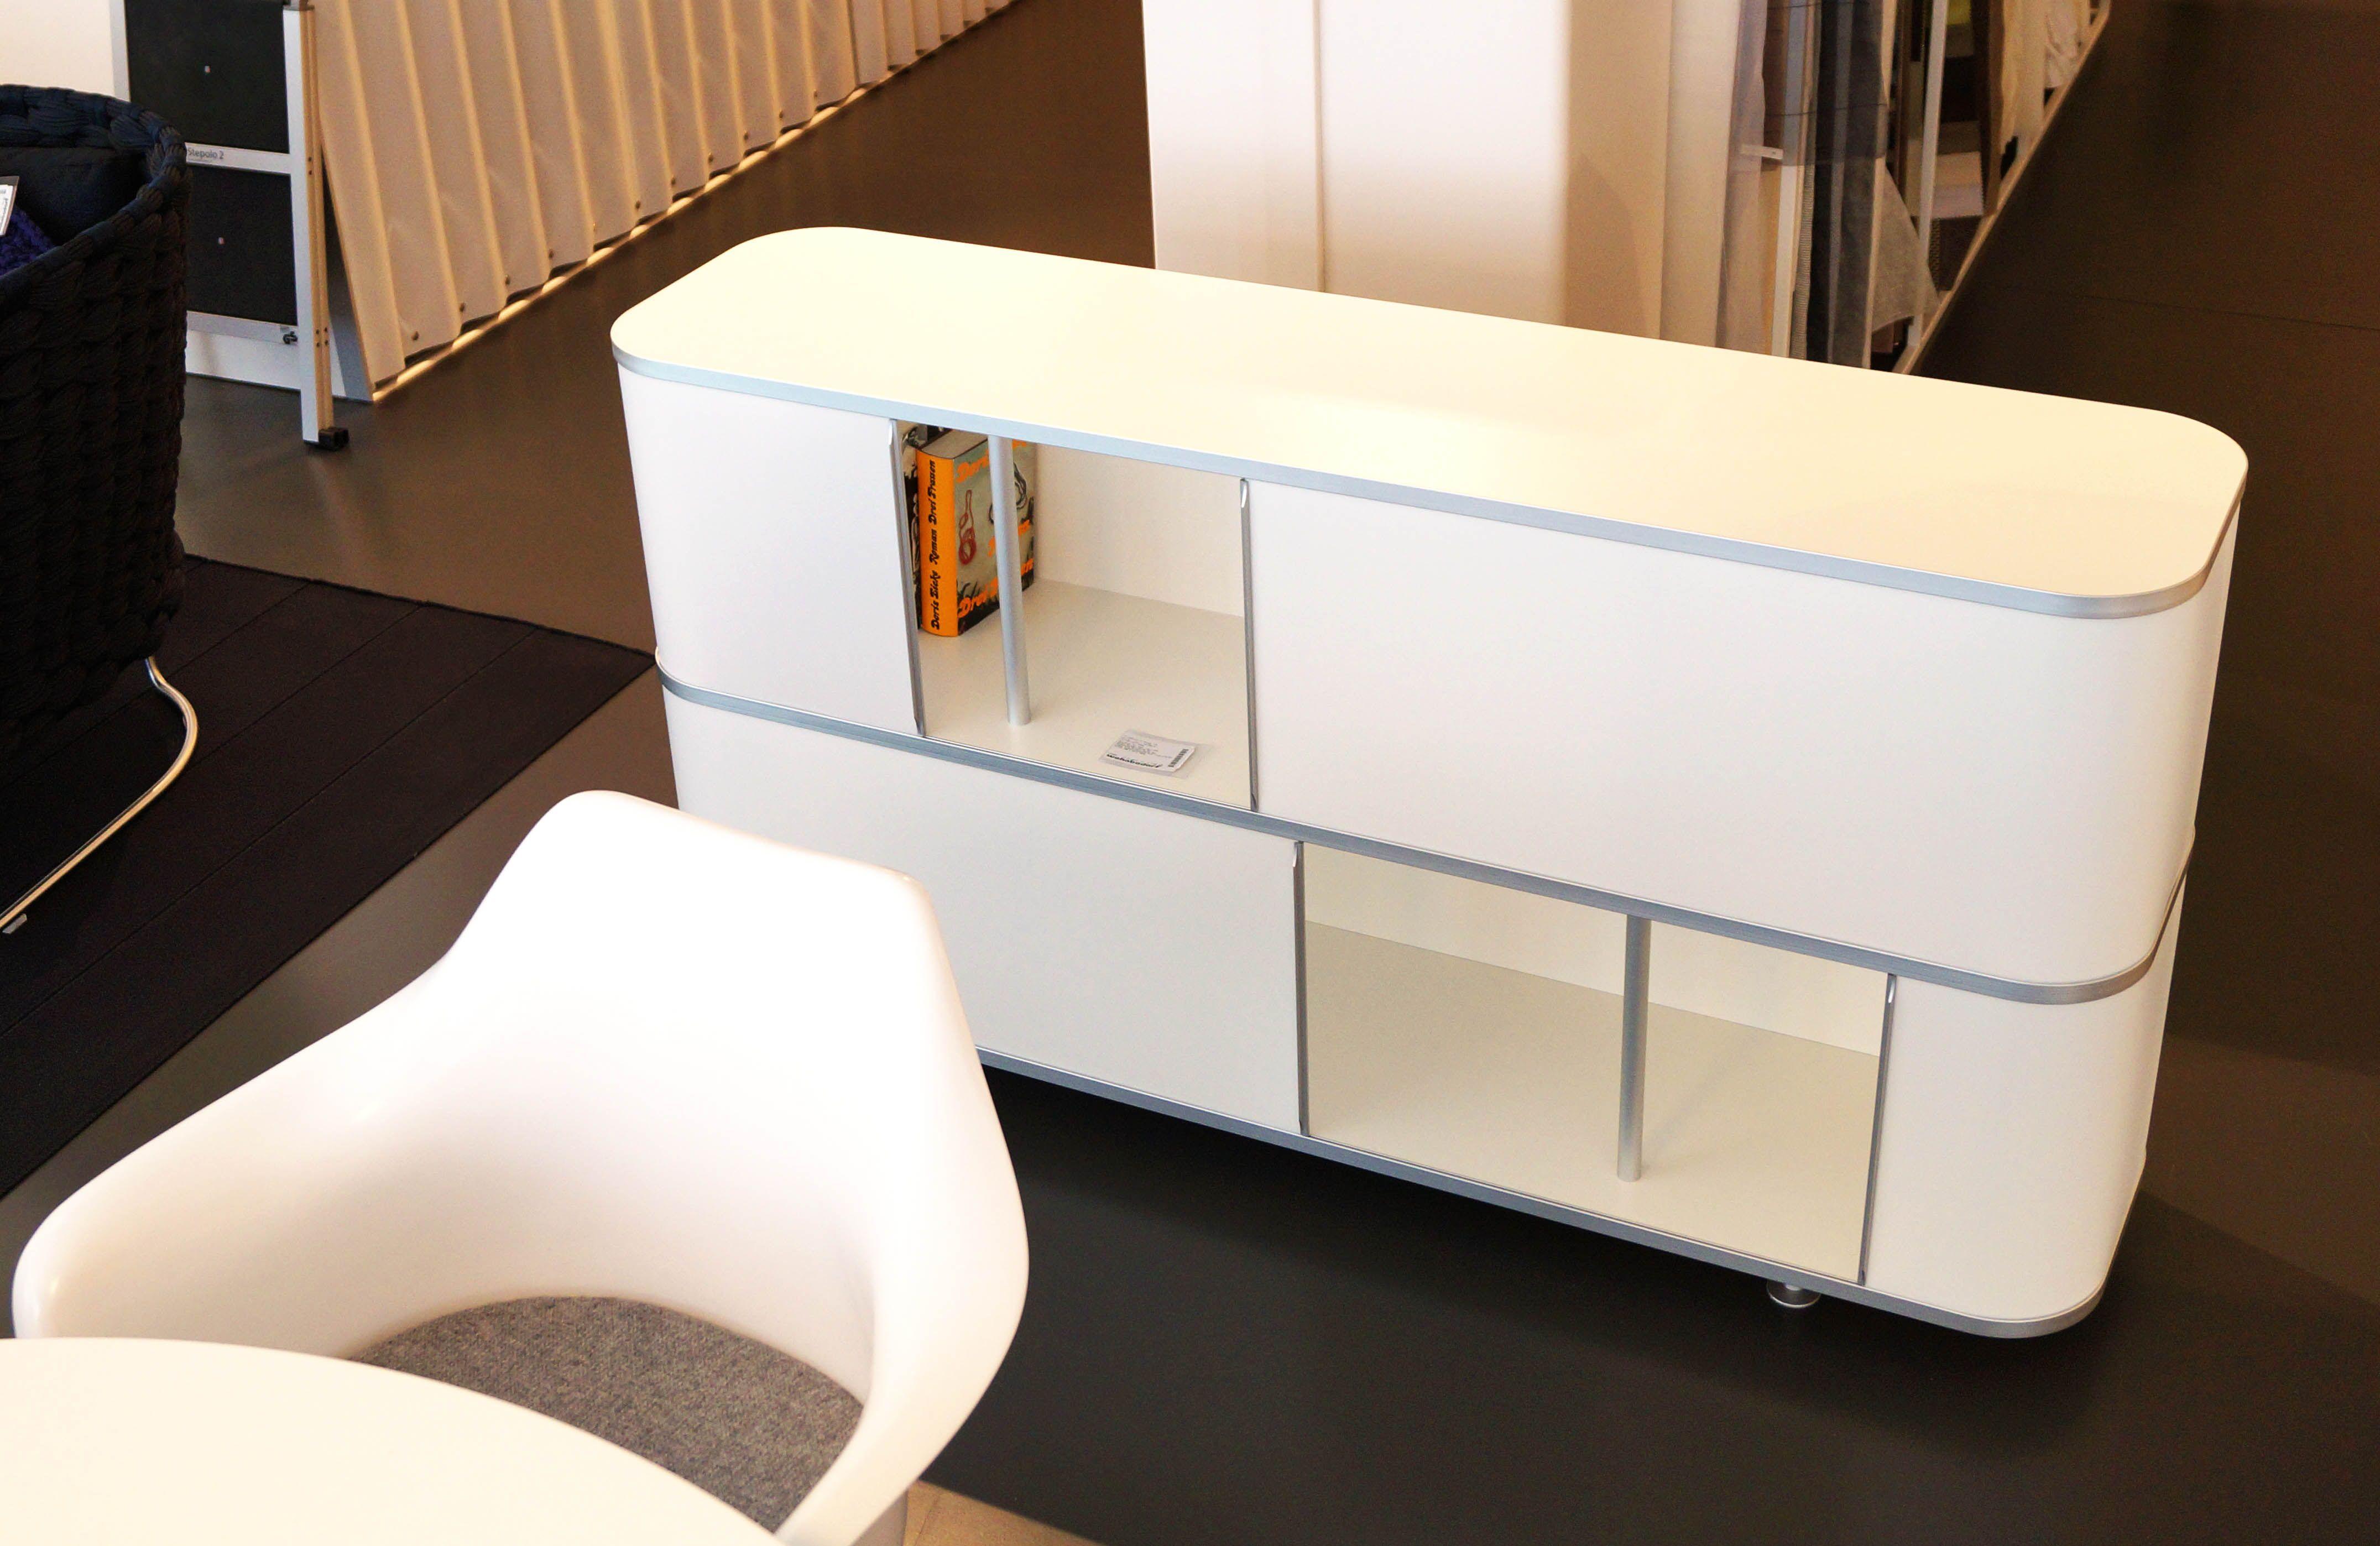 wogg 18 bei wohnbedarf in basel gesehen im fachhandel. Black Bedroom Furniture Sets. Home Design Ideas